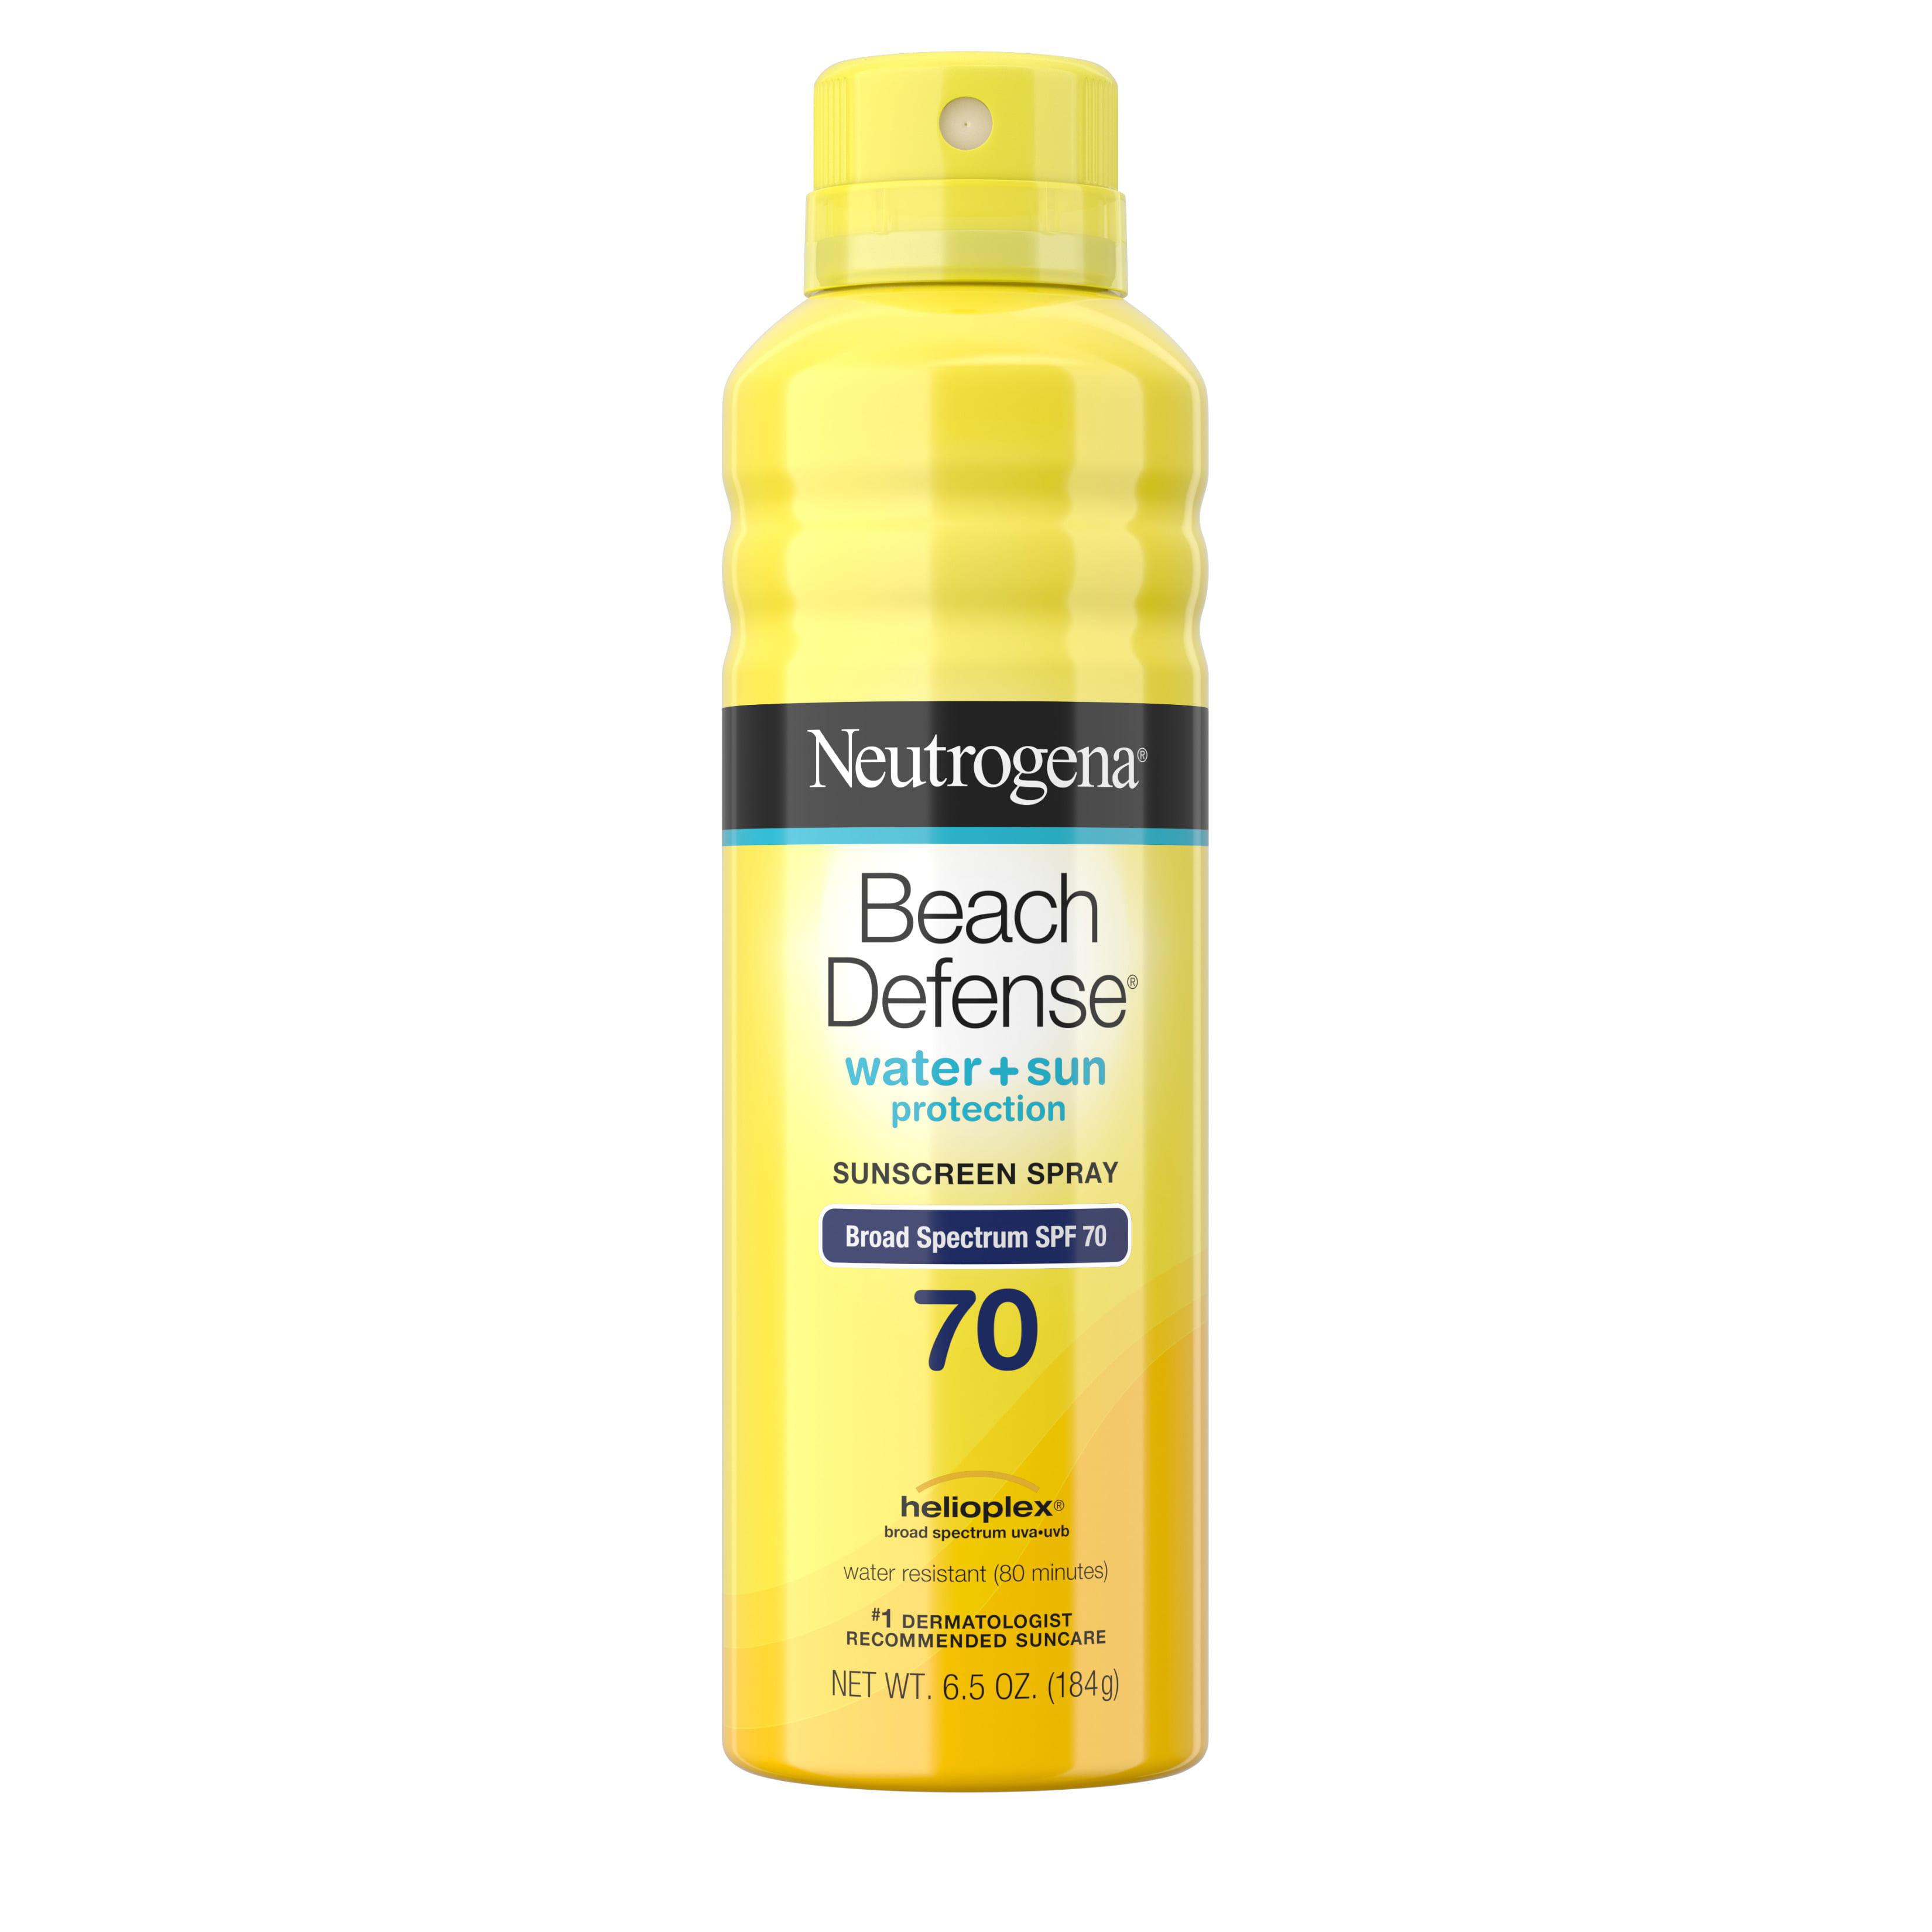 Neutrogena Beach Defense Oil-Free Body Sunscreen Spray, SPF 70, 6.5 oz